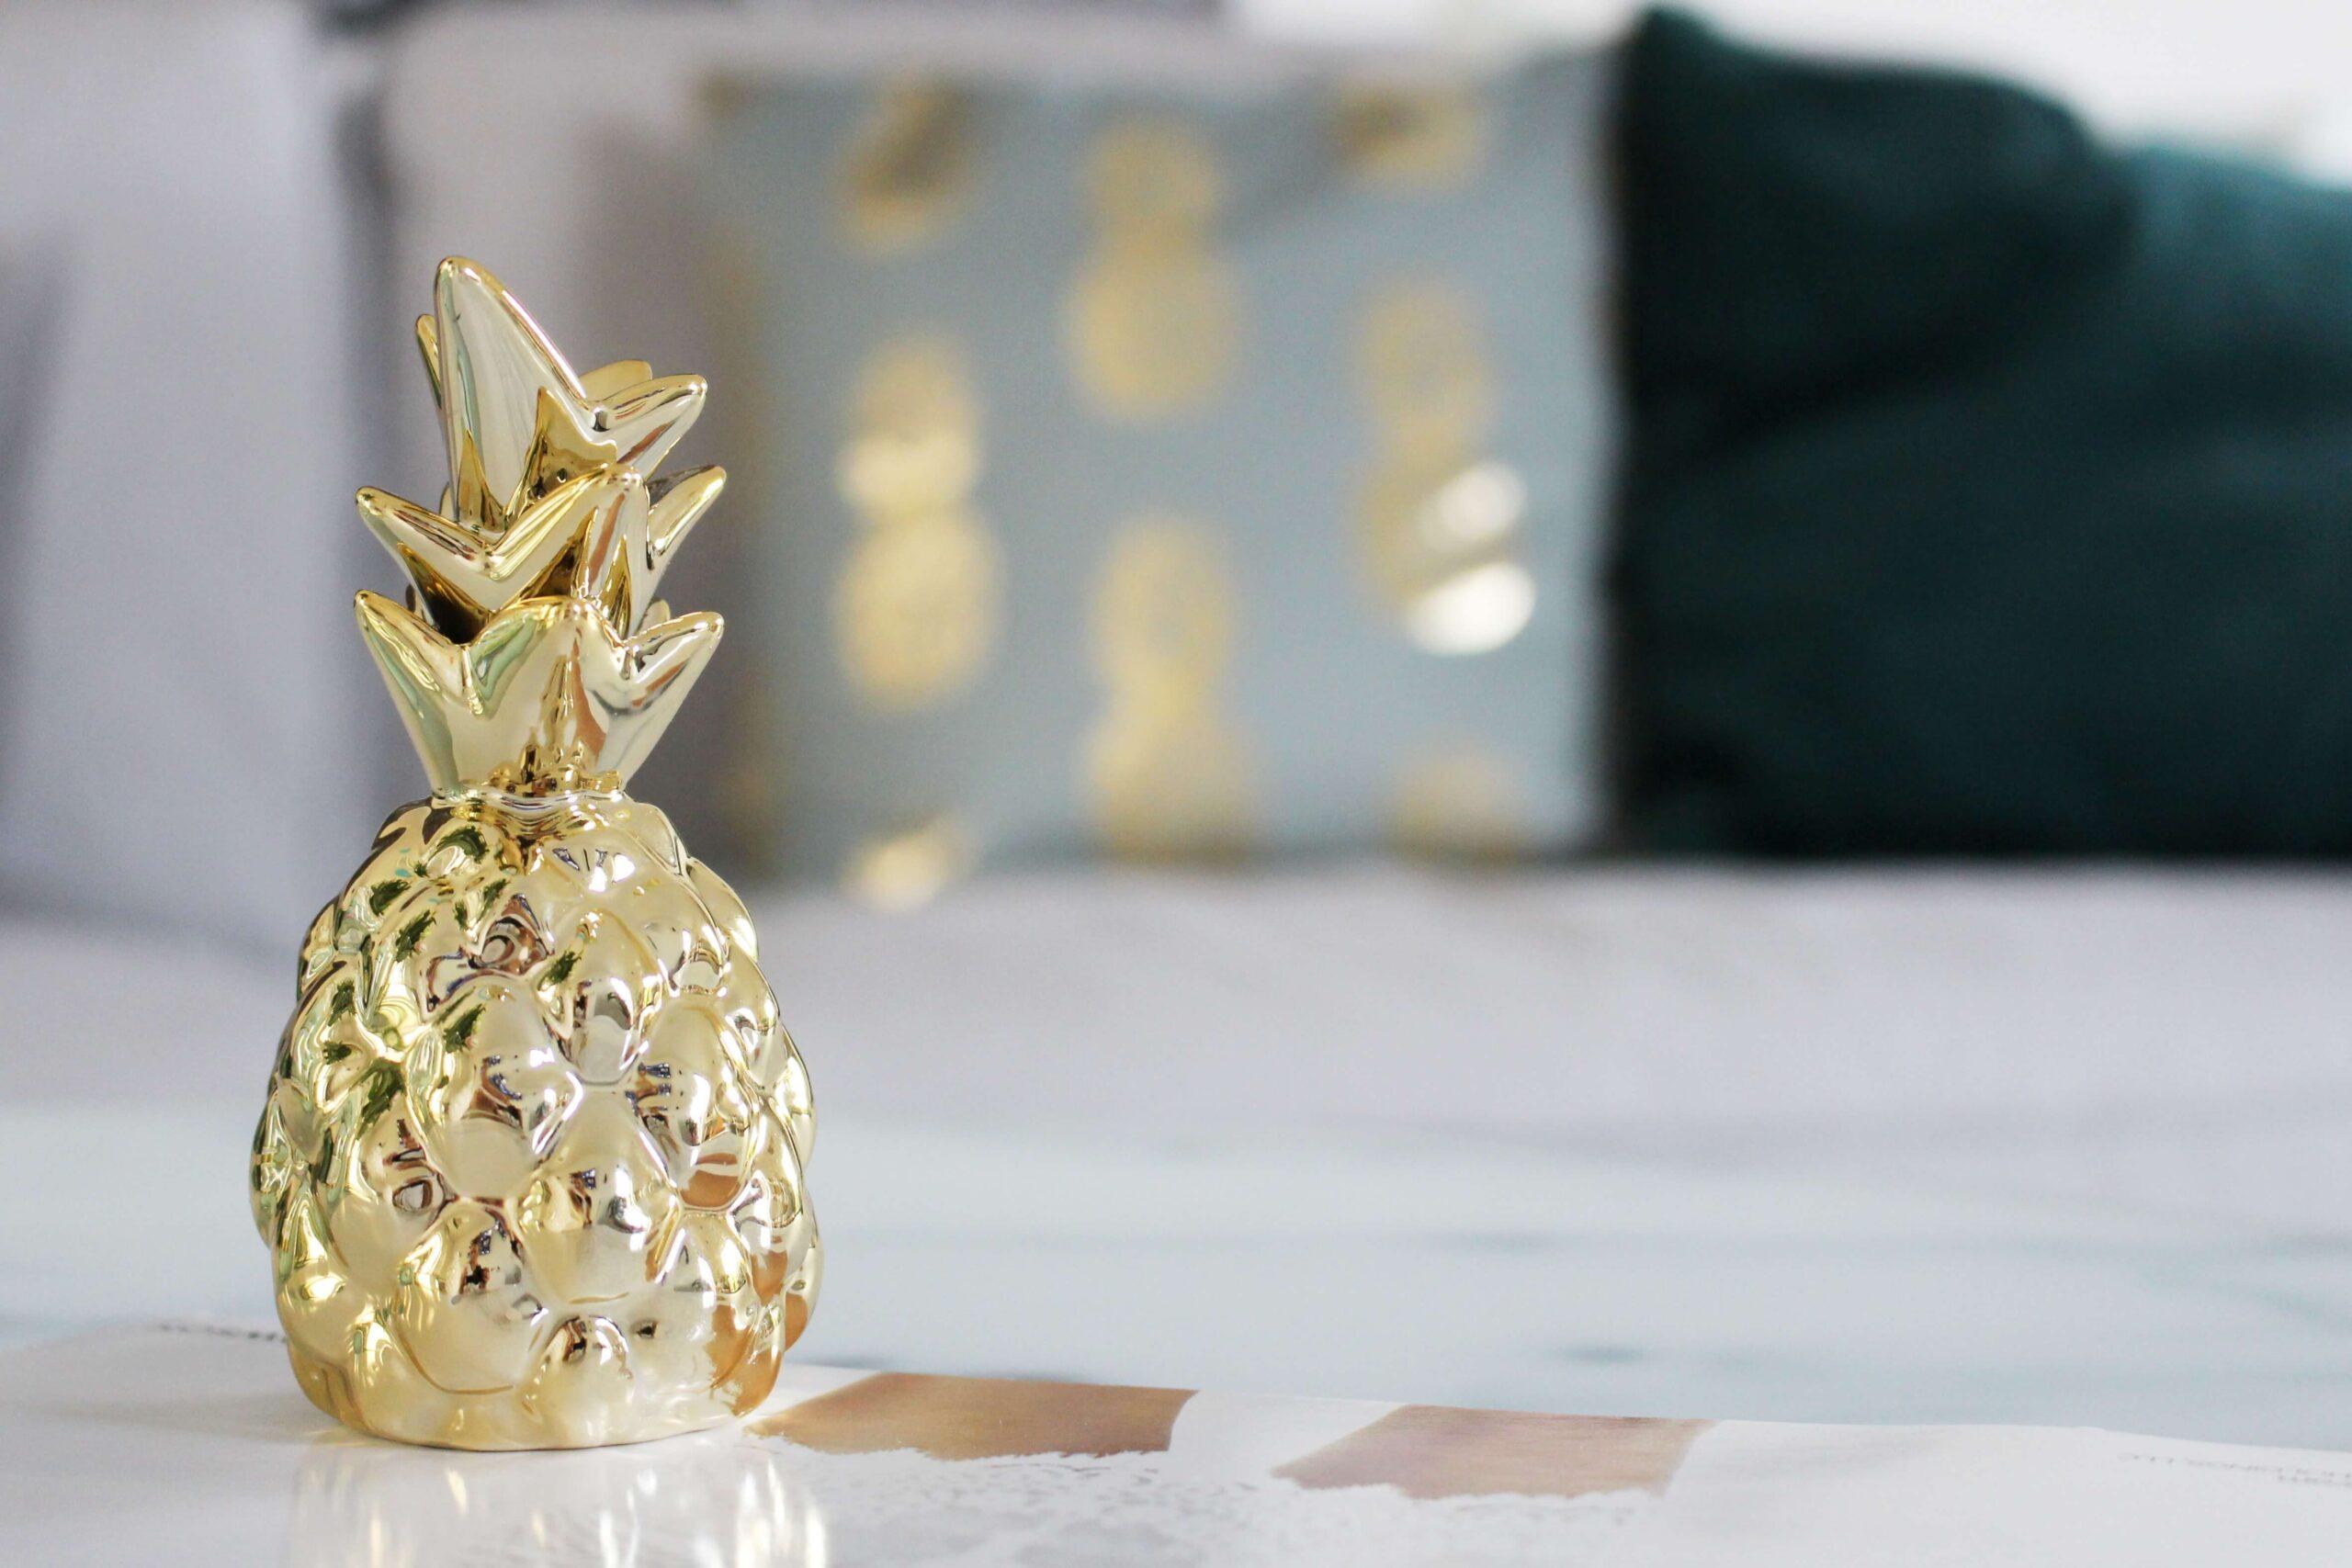 Full Size of Wohnzimmer Dekorieren Unsere Neue Deko In Grn Gold Bilder Modern Led Deckenleuchte Schrankwand Poster Tapete Vorhänge Beleuchtung Lampen Sideboard Großes Wohnzimmer Wohnzimmer Dekorieren